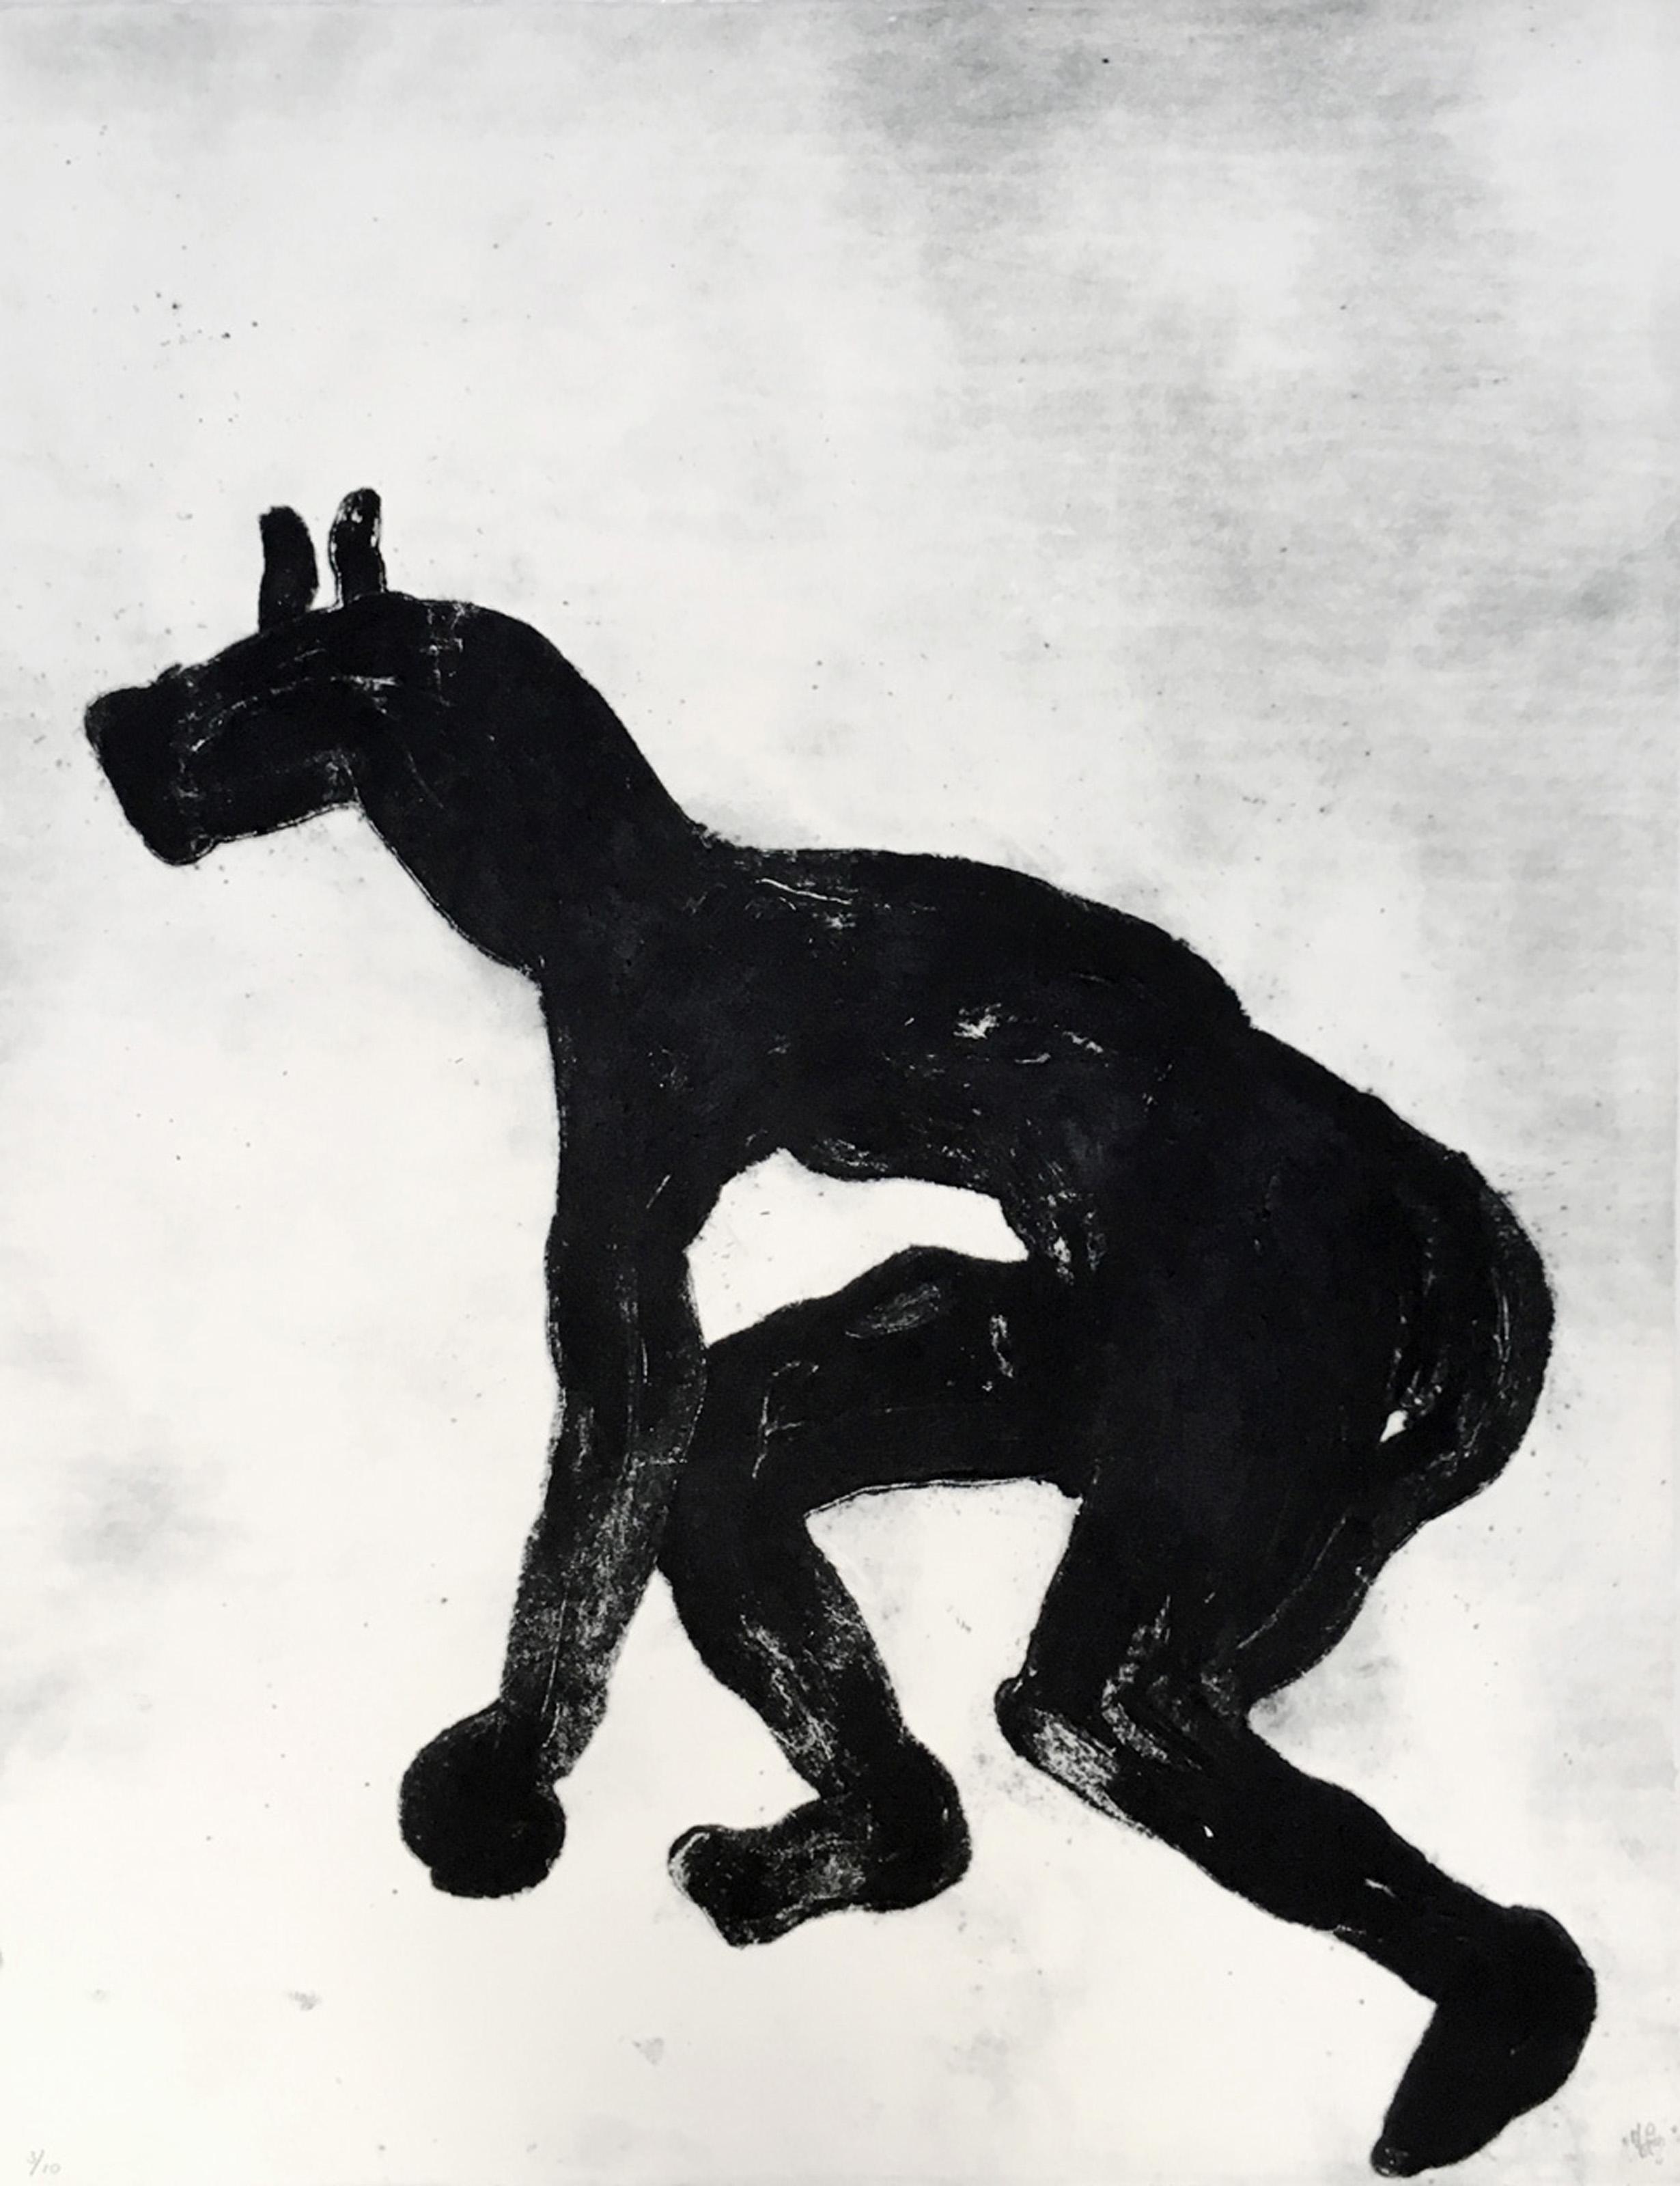 Grand Masquerade II (Ed. 3 of 10), 2009, 20 x 26 in., Carborundum